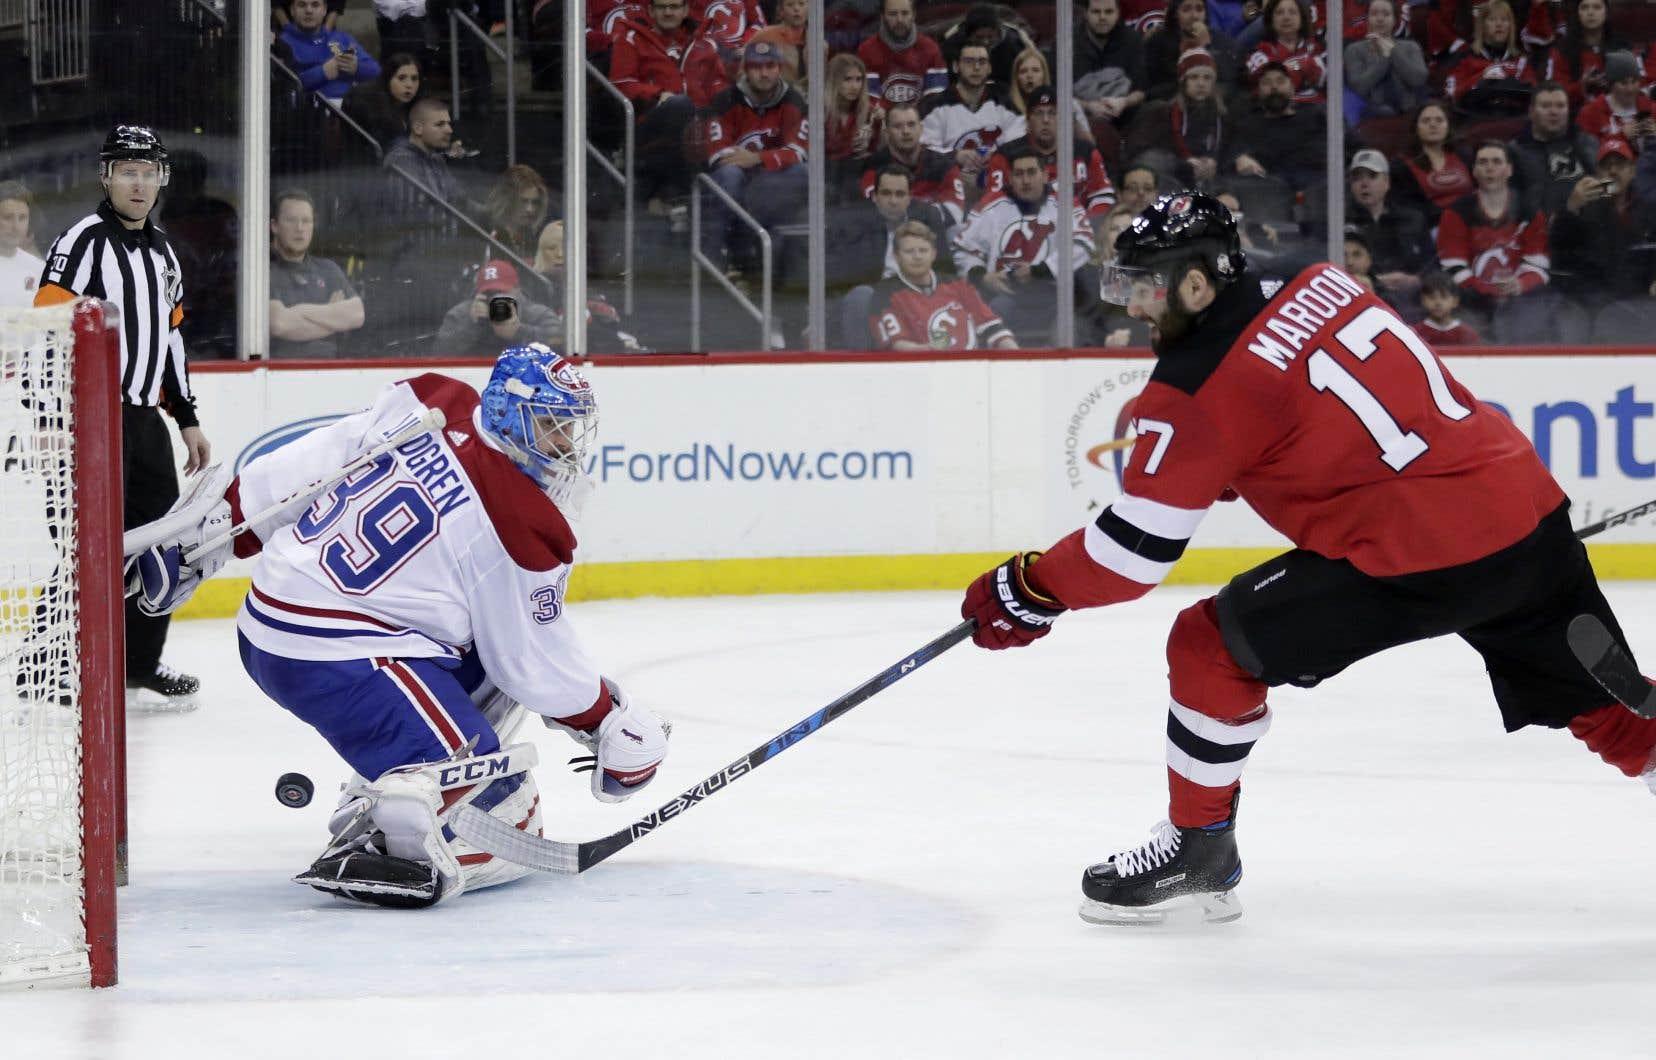 L'attaquant Patrick Maroon déjoue le gardien du Canadien, Charlie Lindgren, en deuxième période.